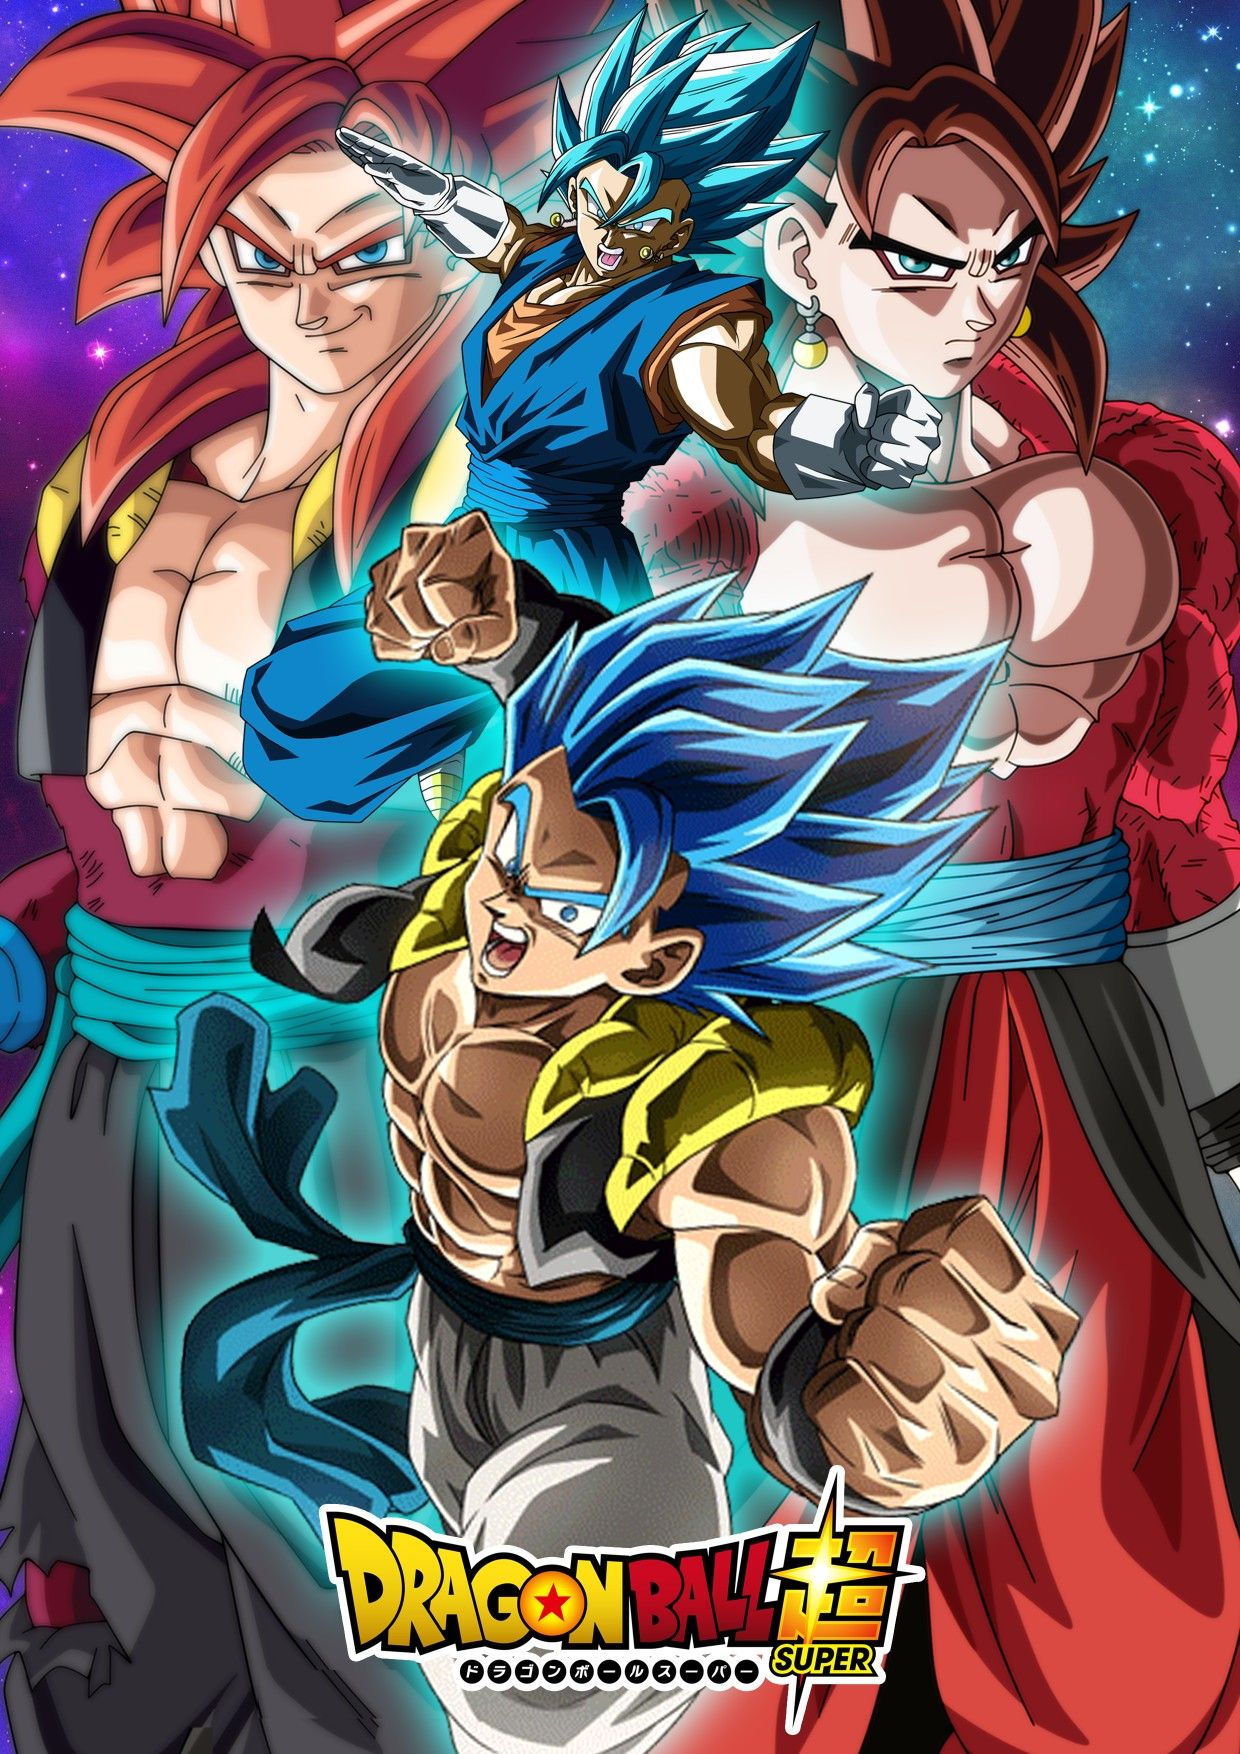 Gogeta | Anime dragon ball super, Dragon ball image, Dragon ball goku